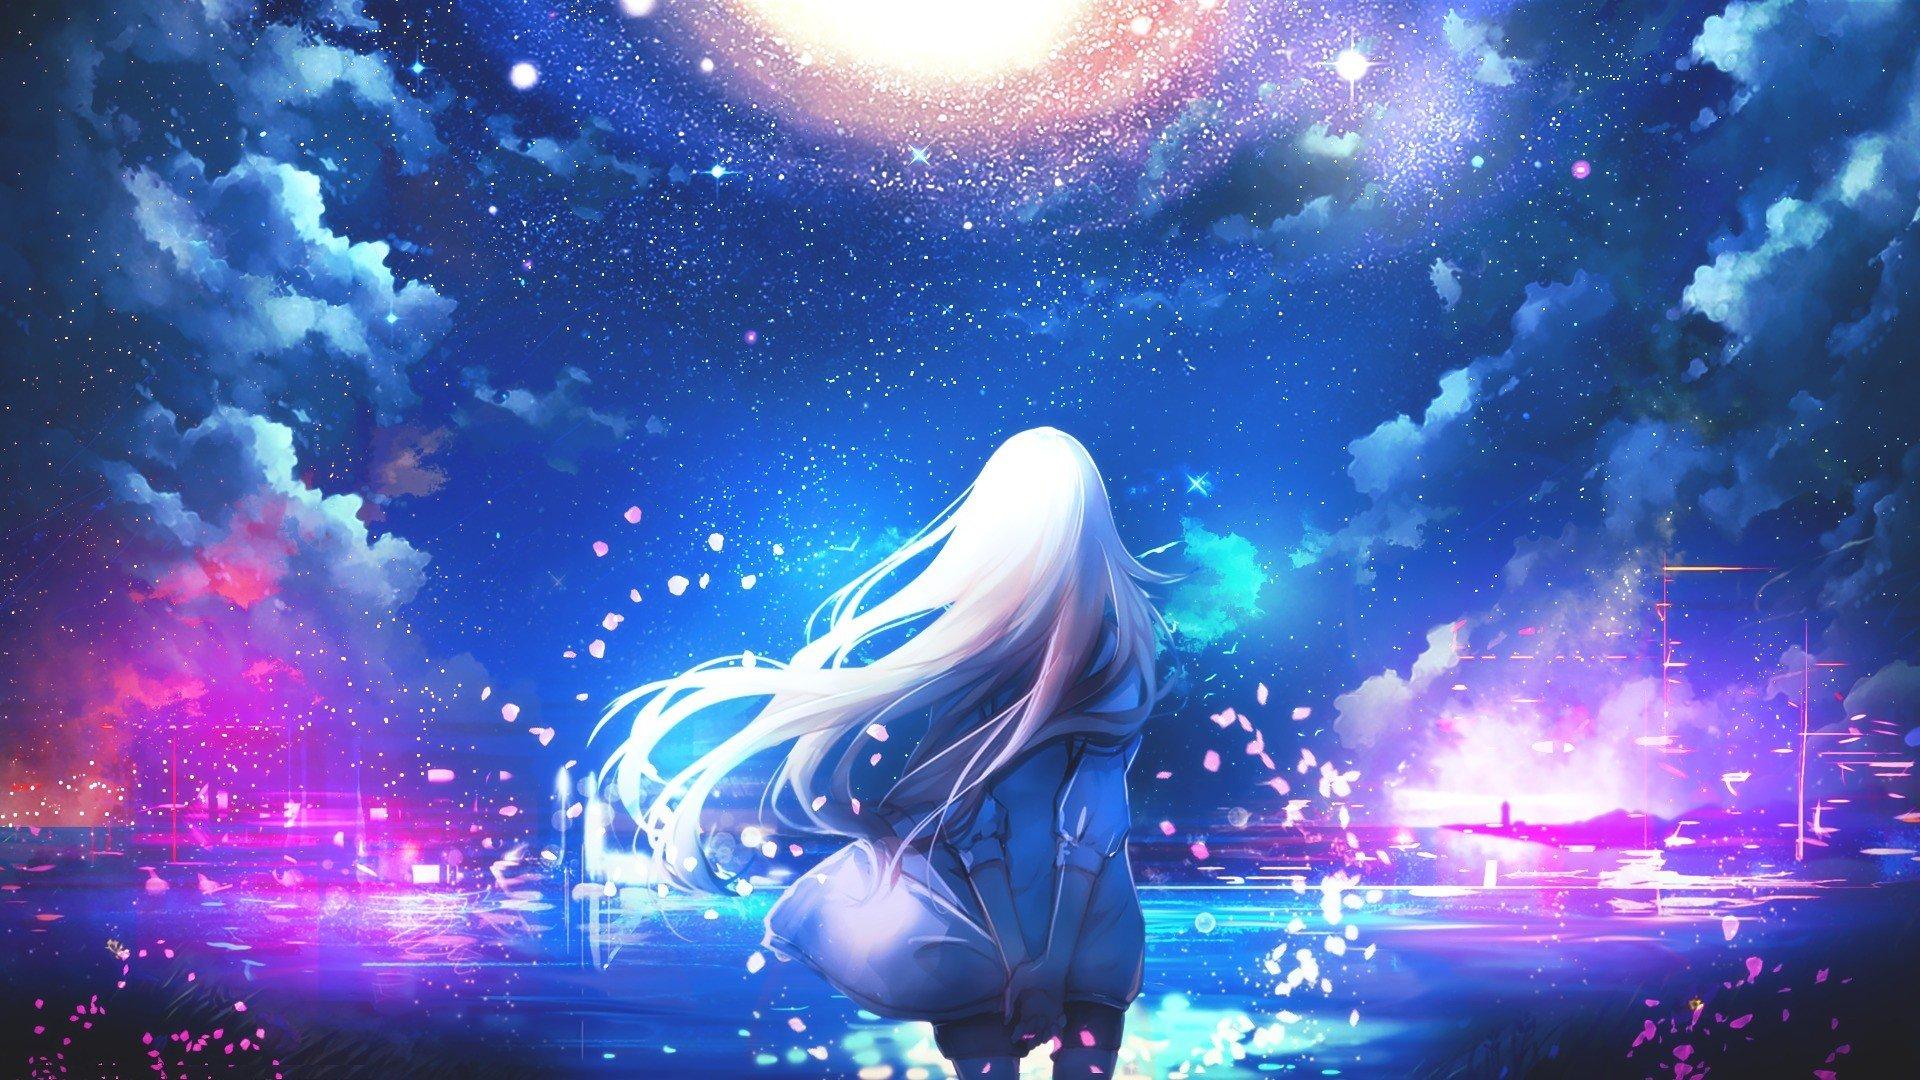 white hair, Long hair, Anime, Anime girls, Sky, Stars ...